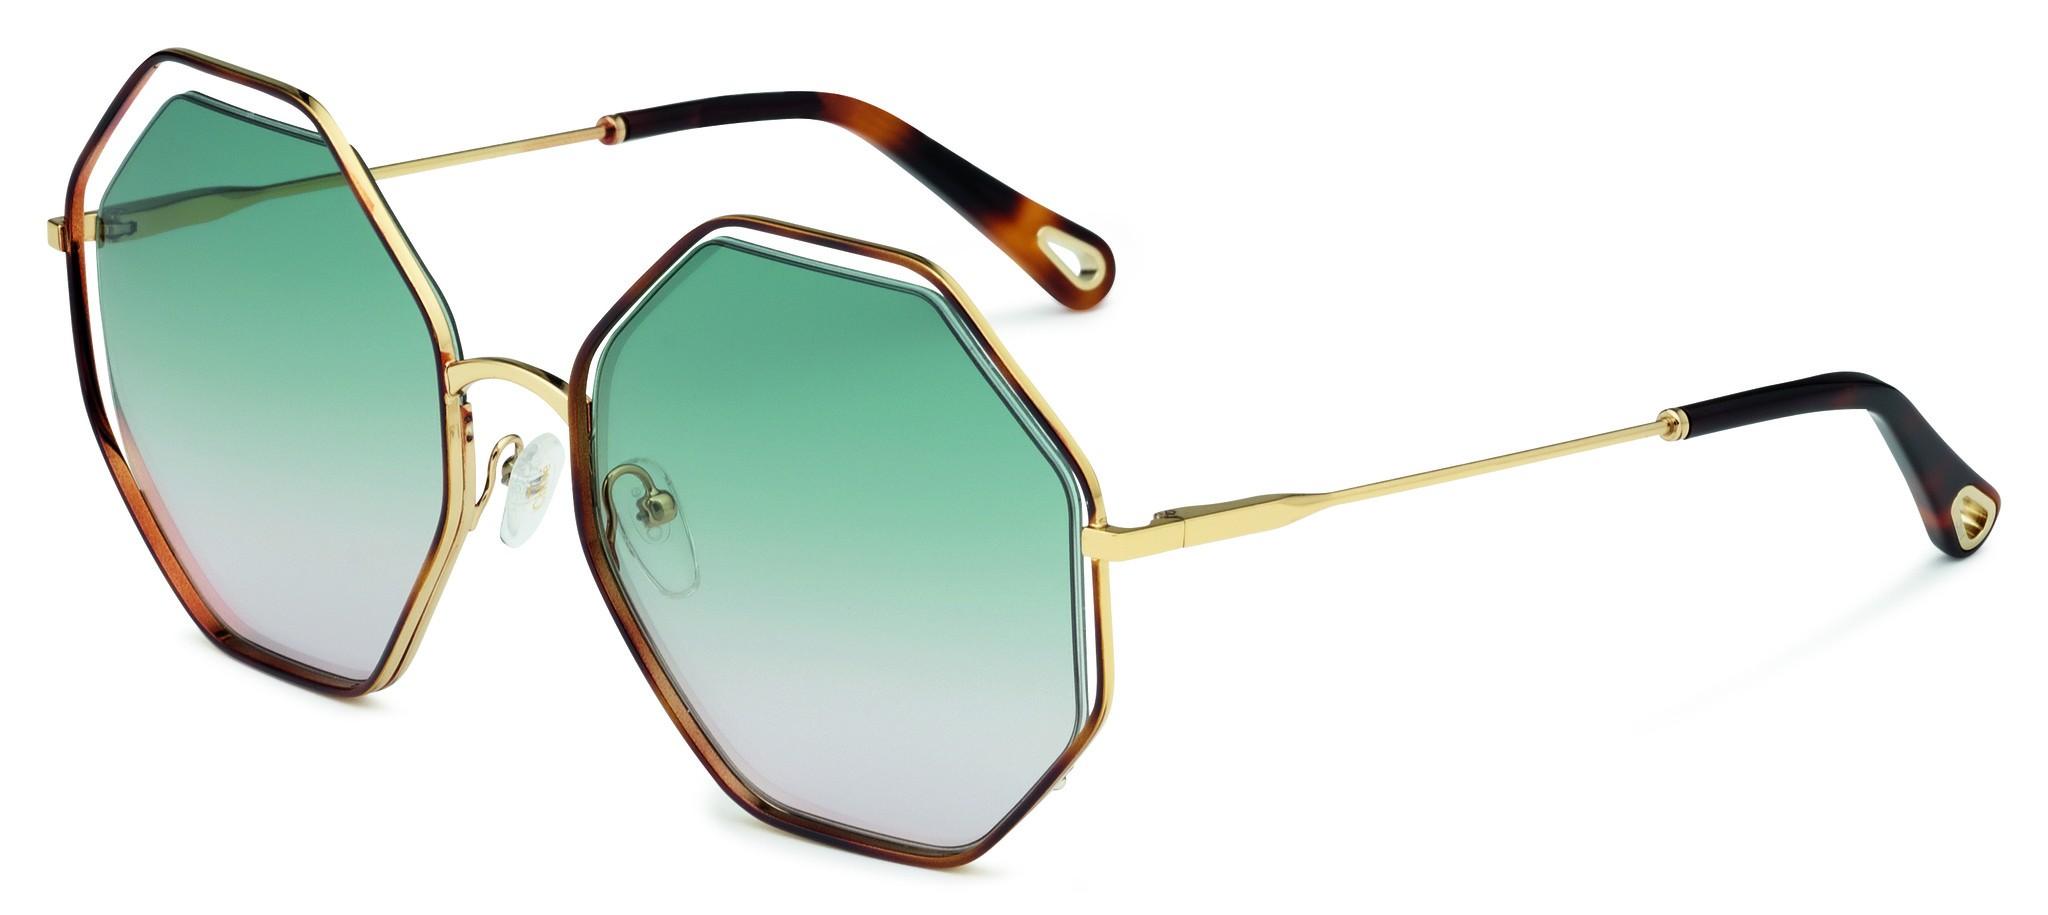 Cloé Sonnenbrille mit eckigen, getönten Gläsern, die von grün in violett übergehen und goldenen Bügeln.